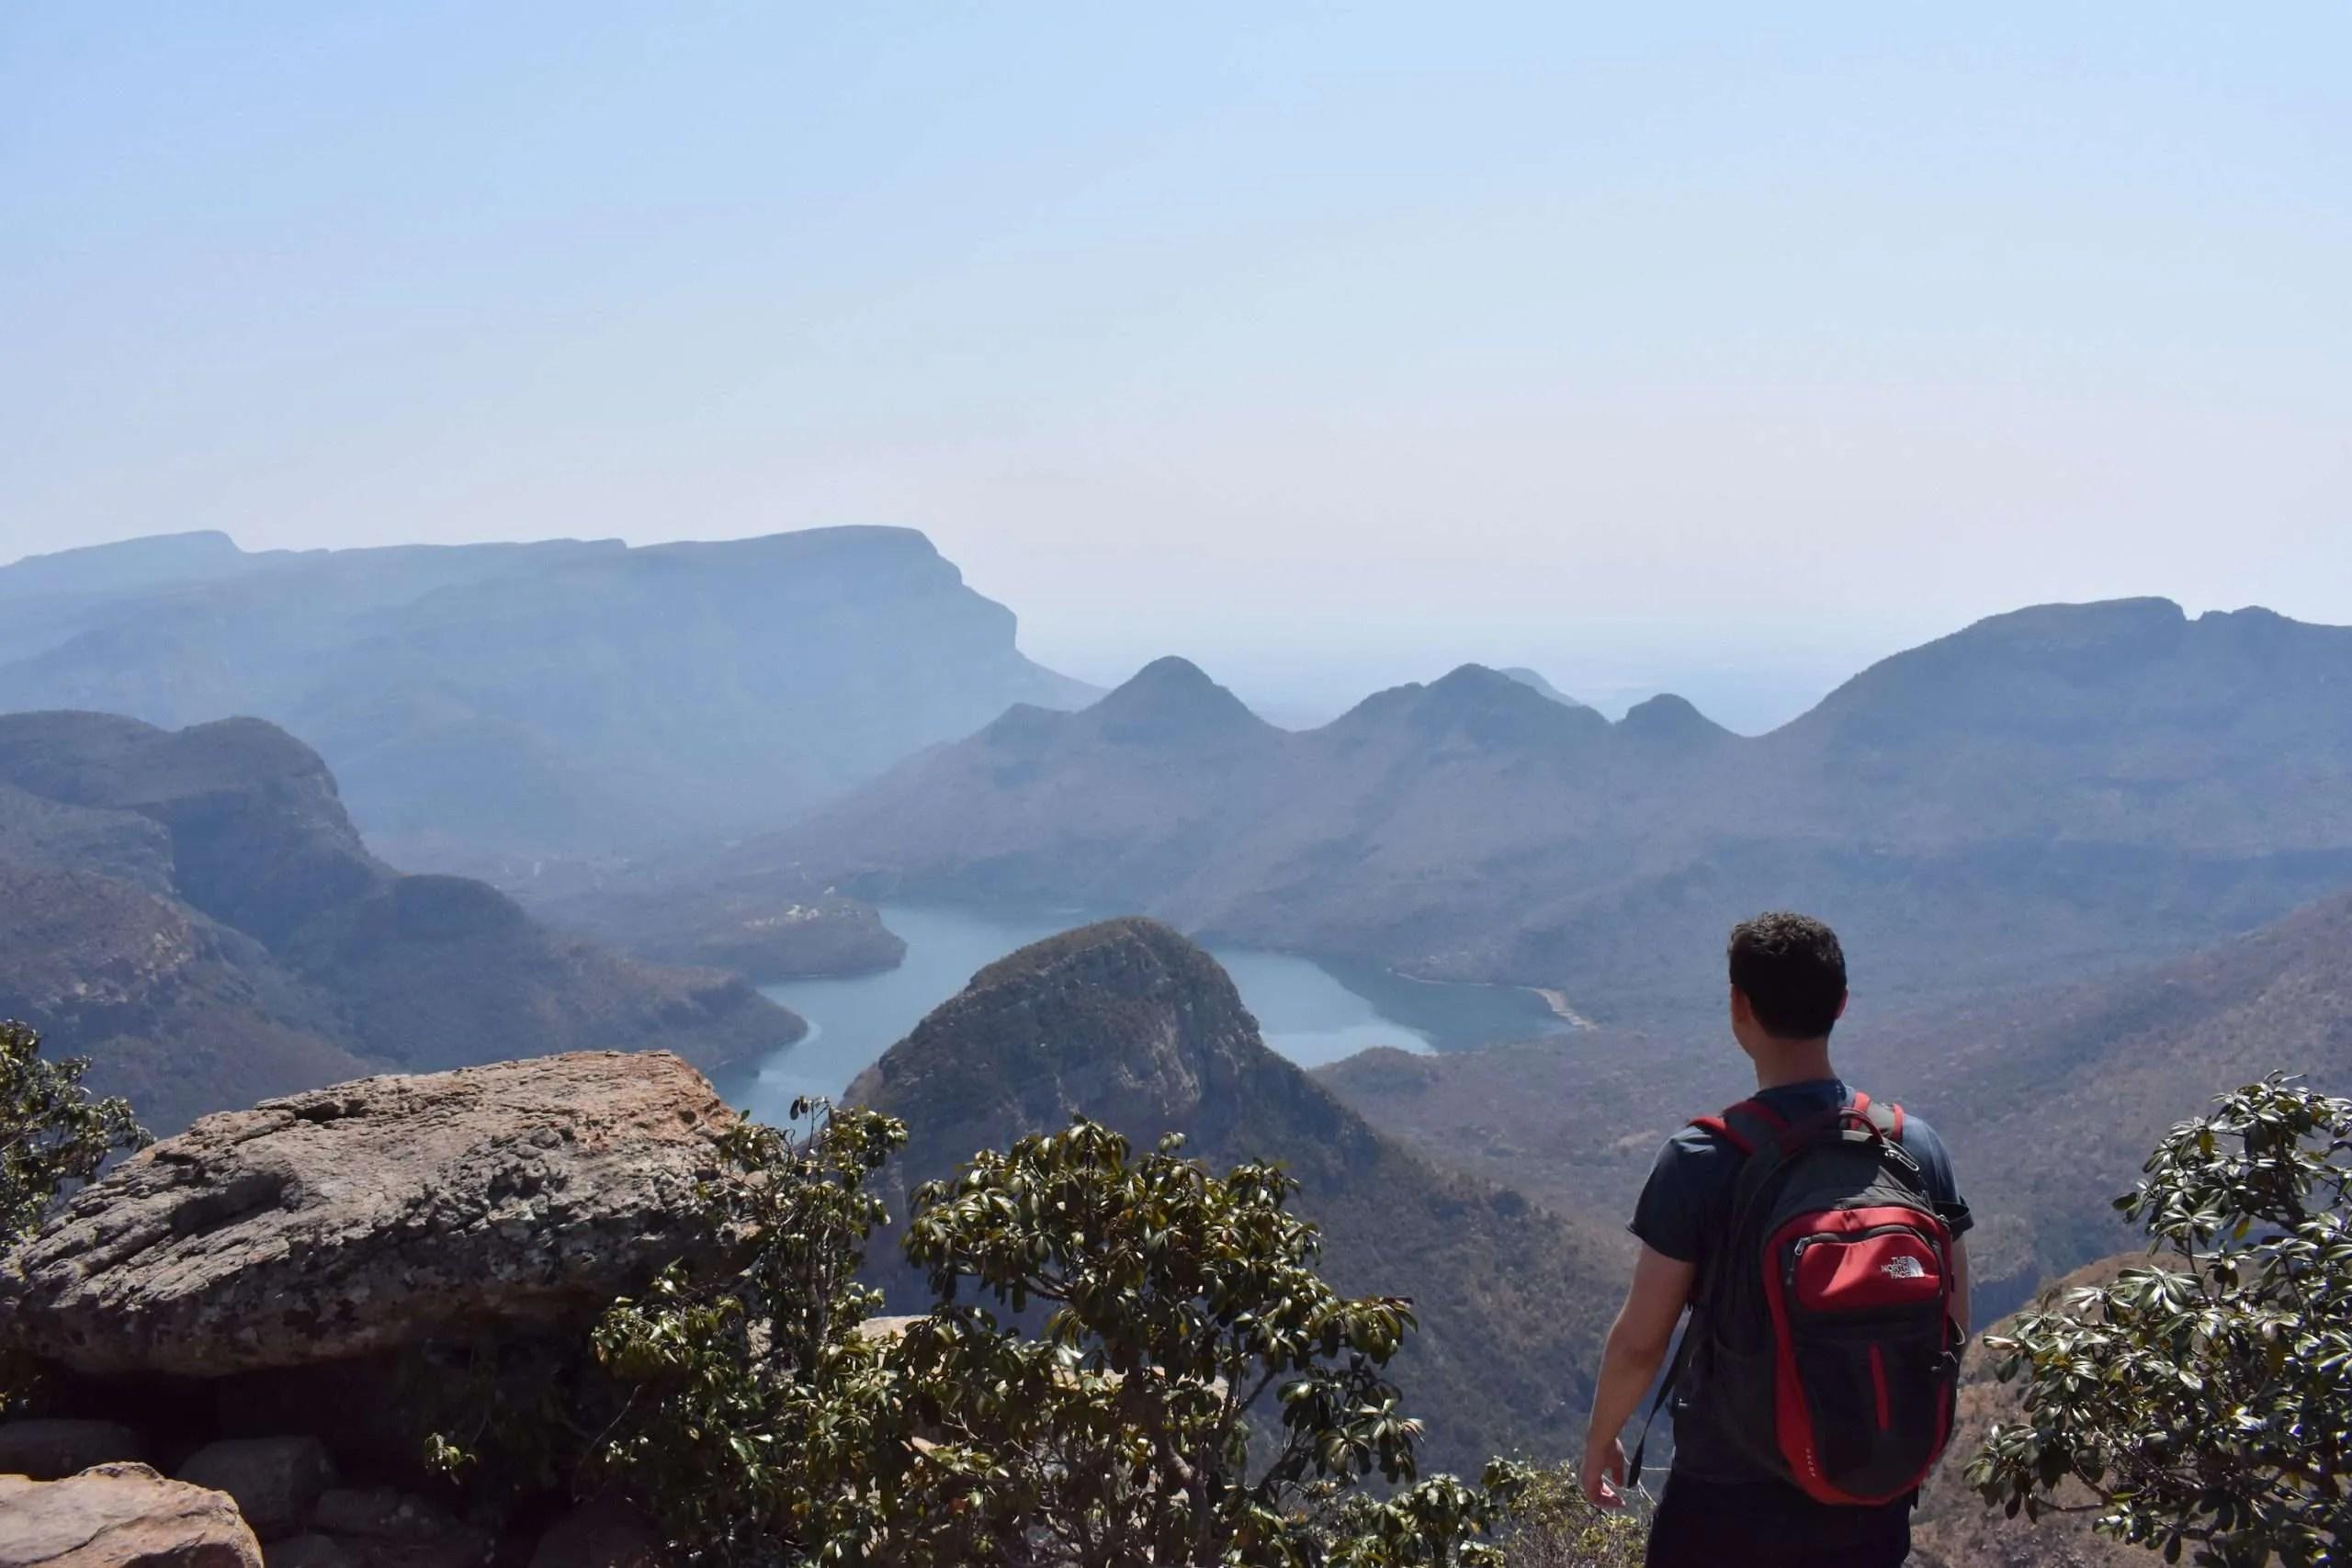 Nomadic Matt in Africa - traveling the world for free